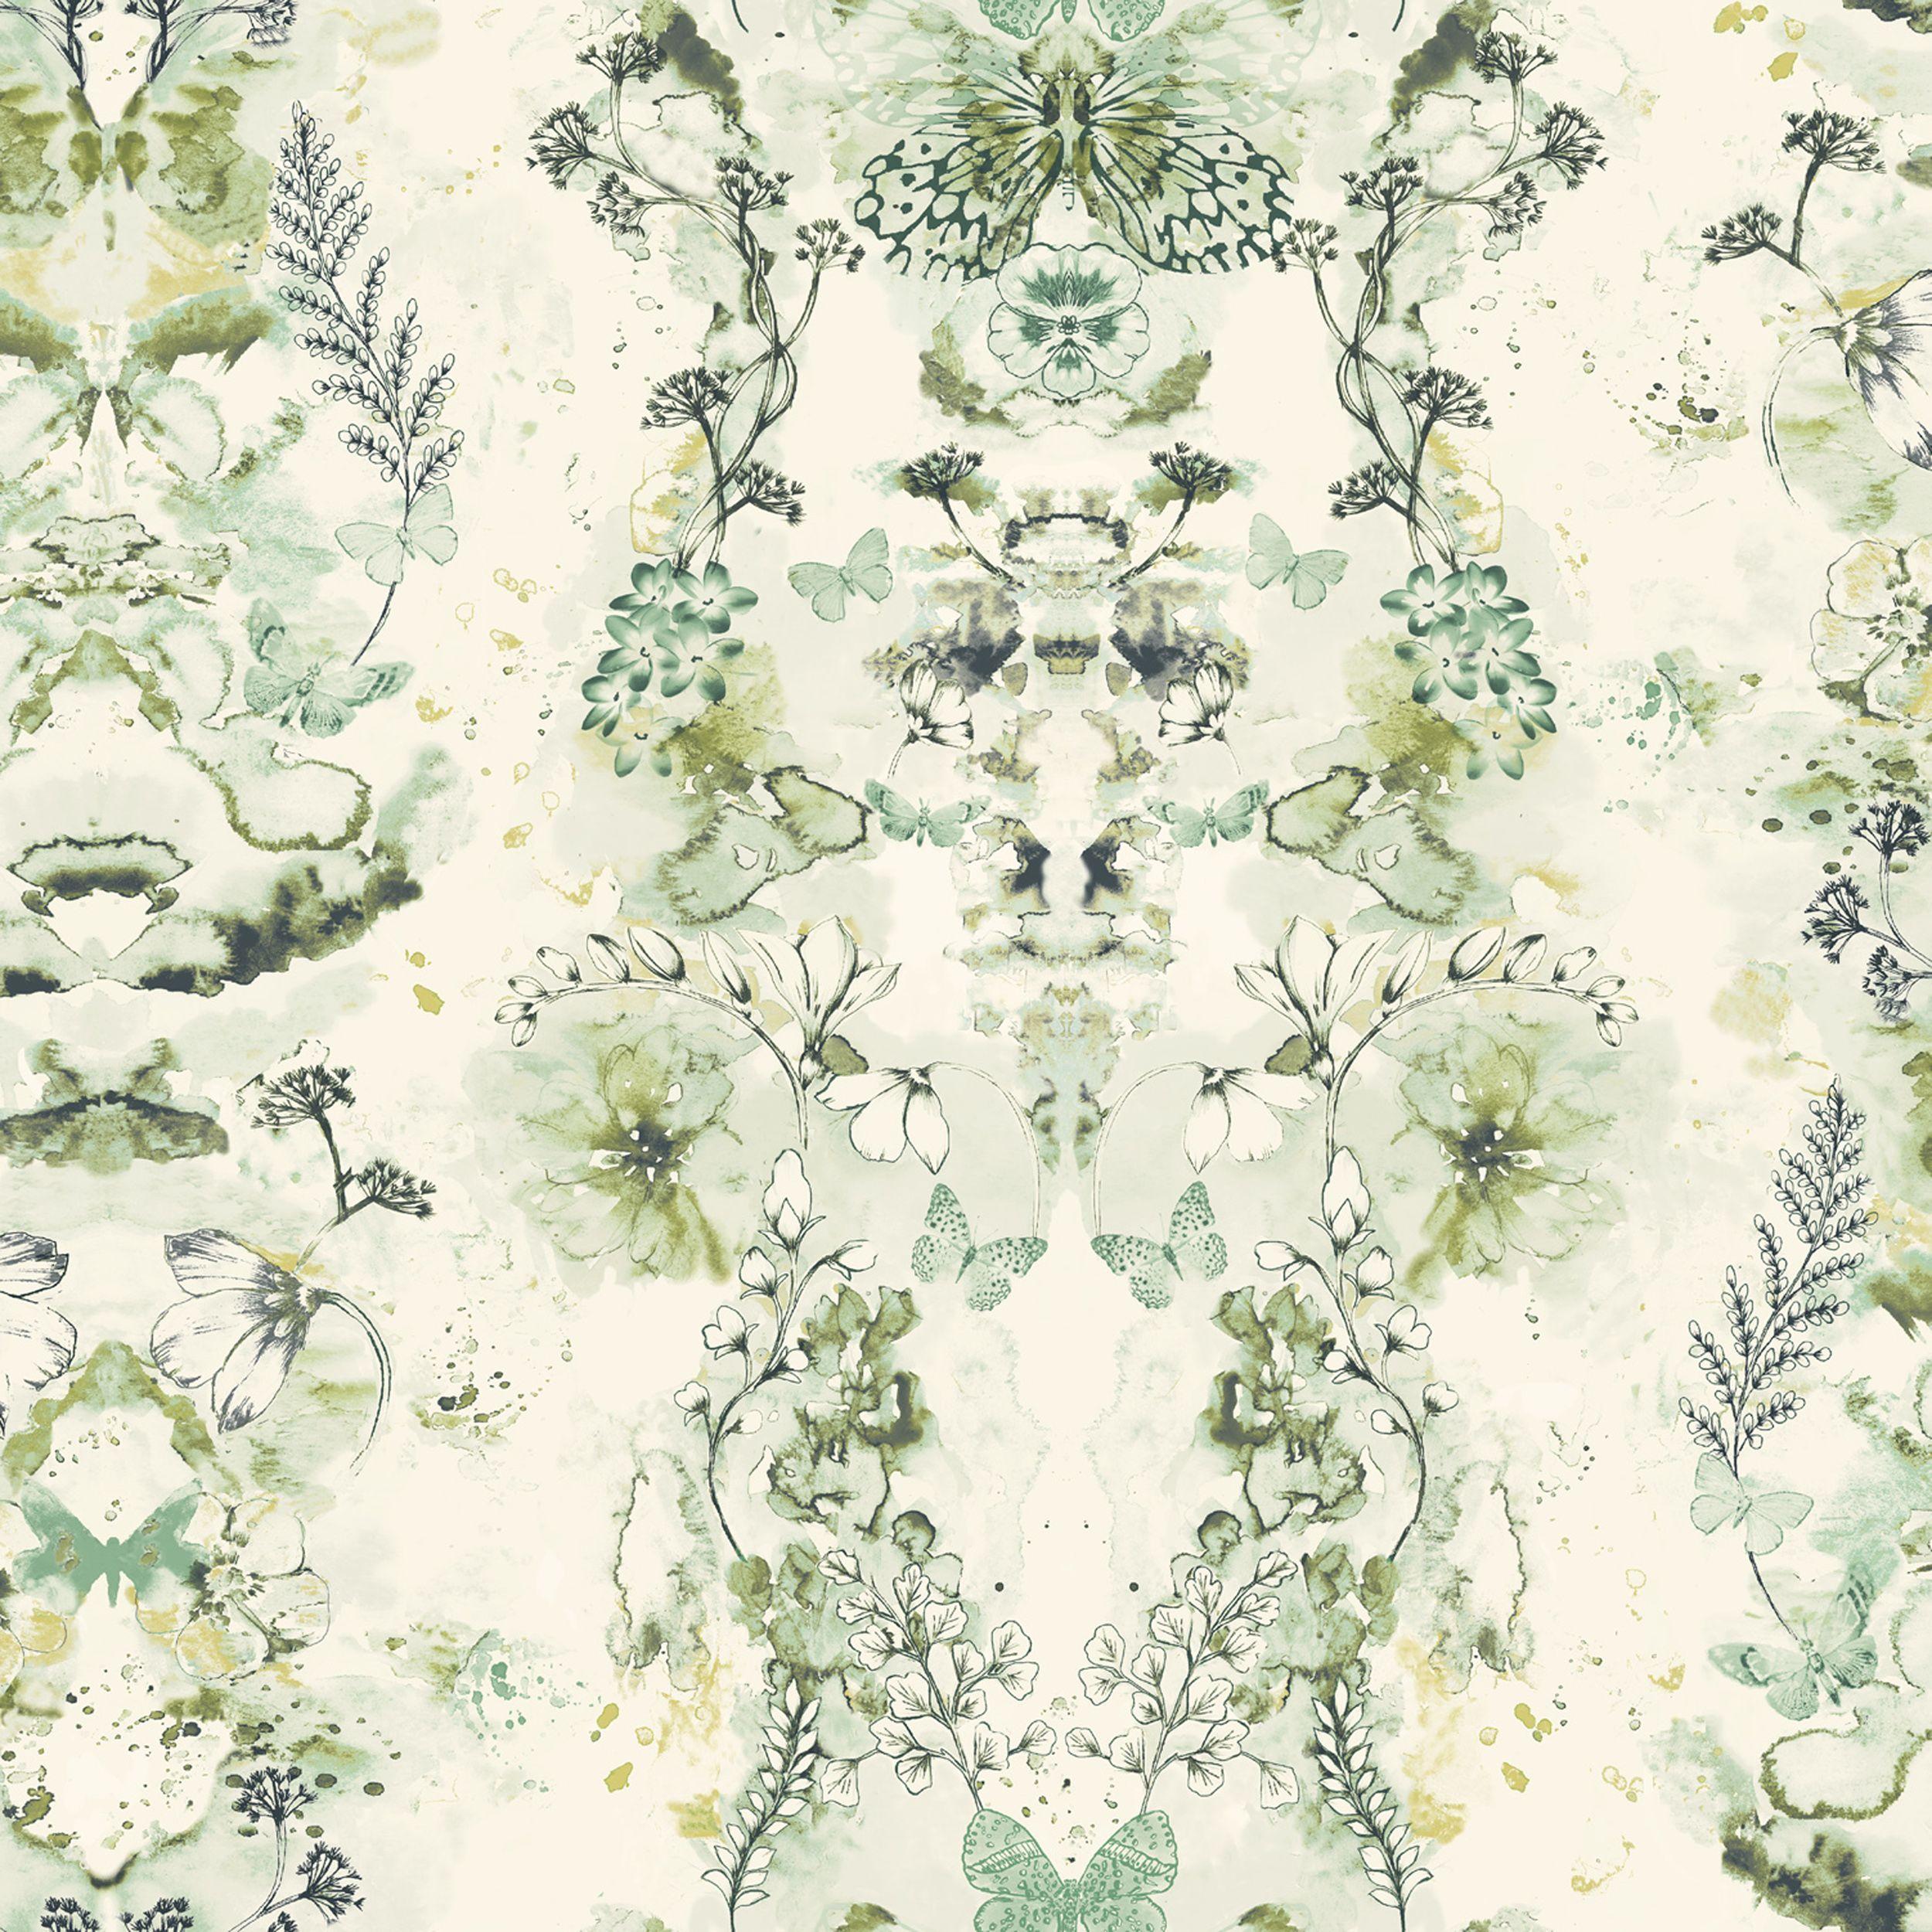 Penelope Green Floral Wallpaper Departments DIY At BQ